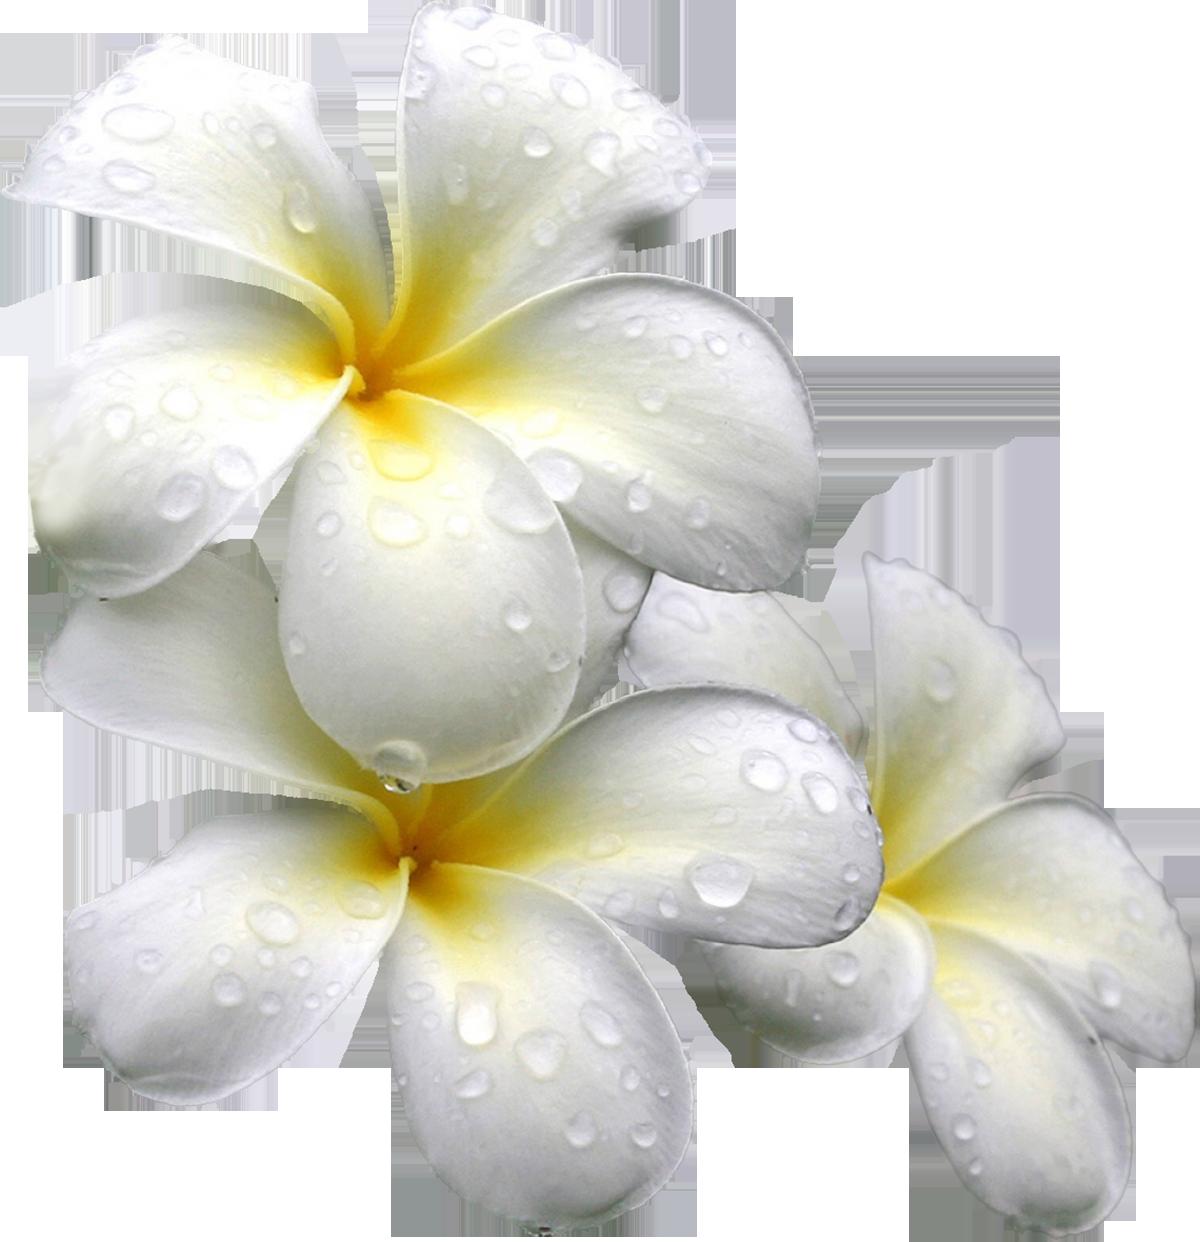 Цветы картинки без заднего фона